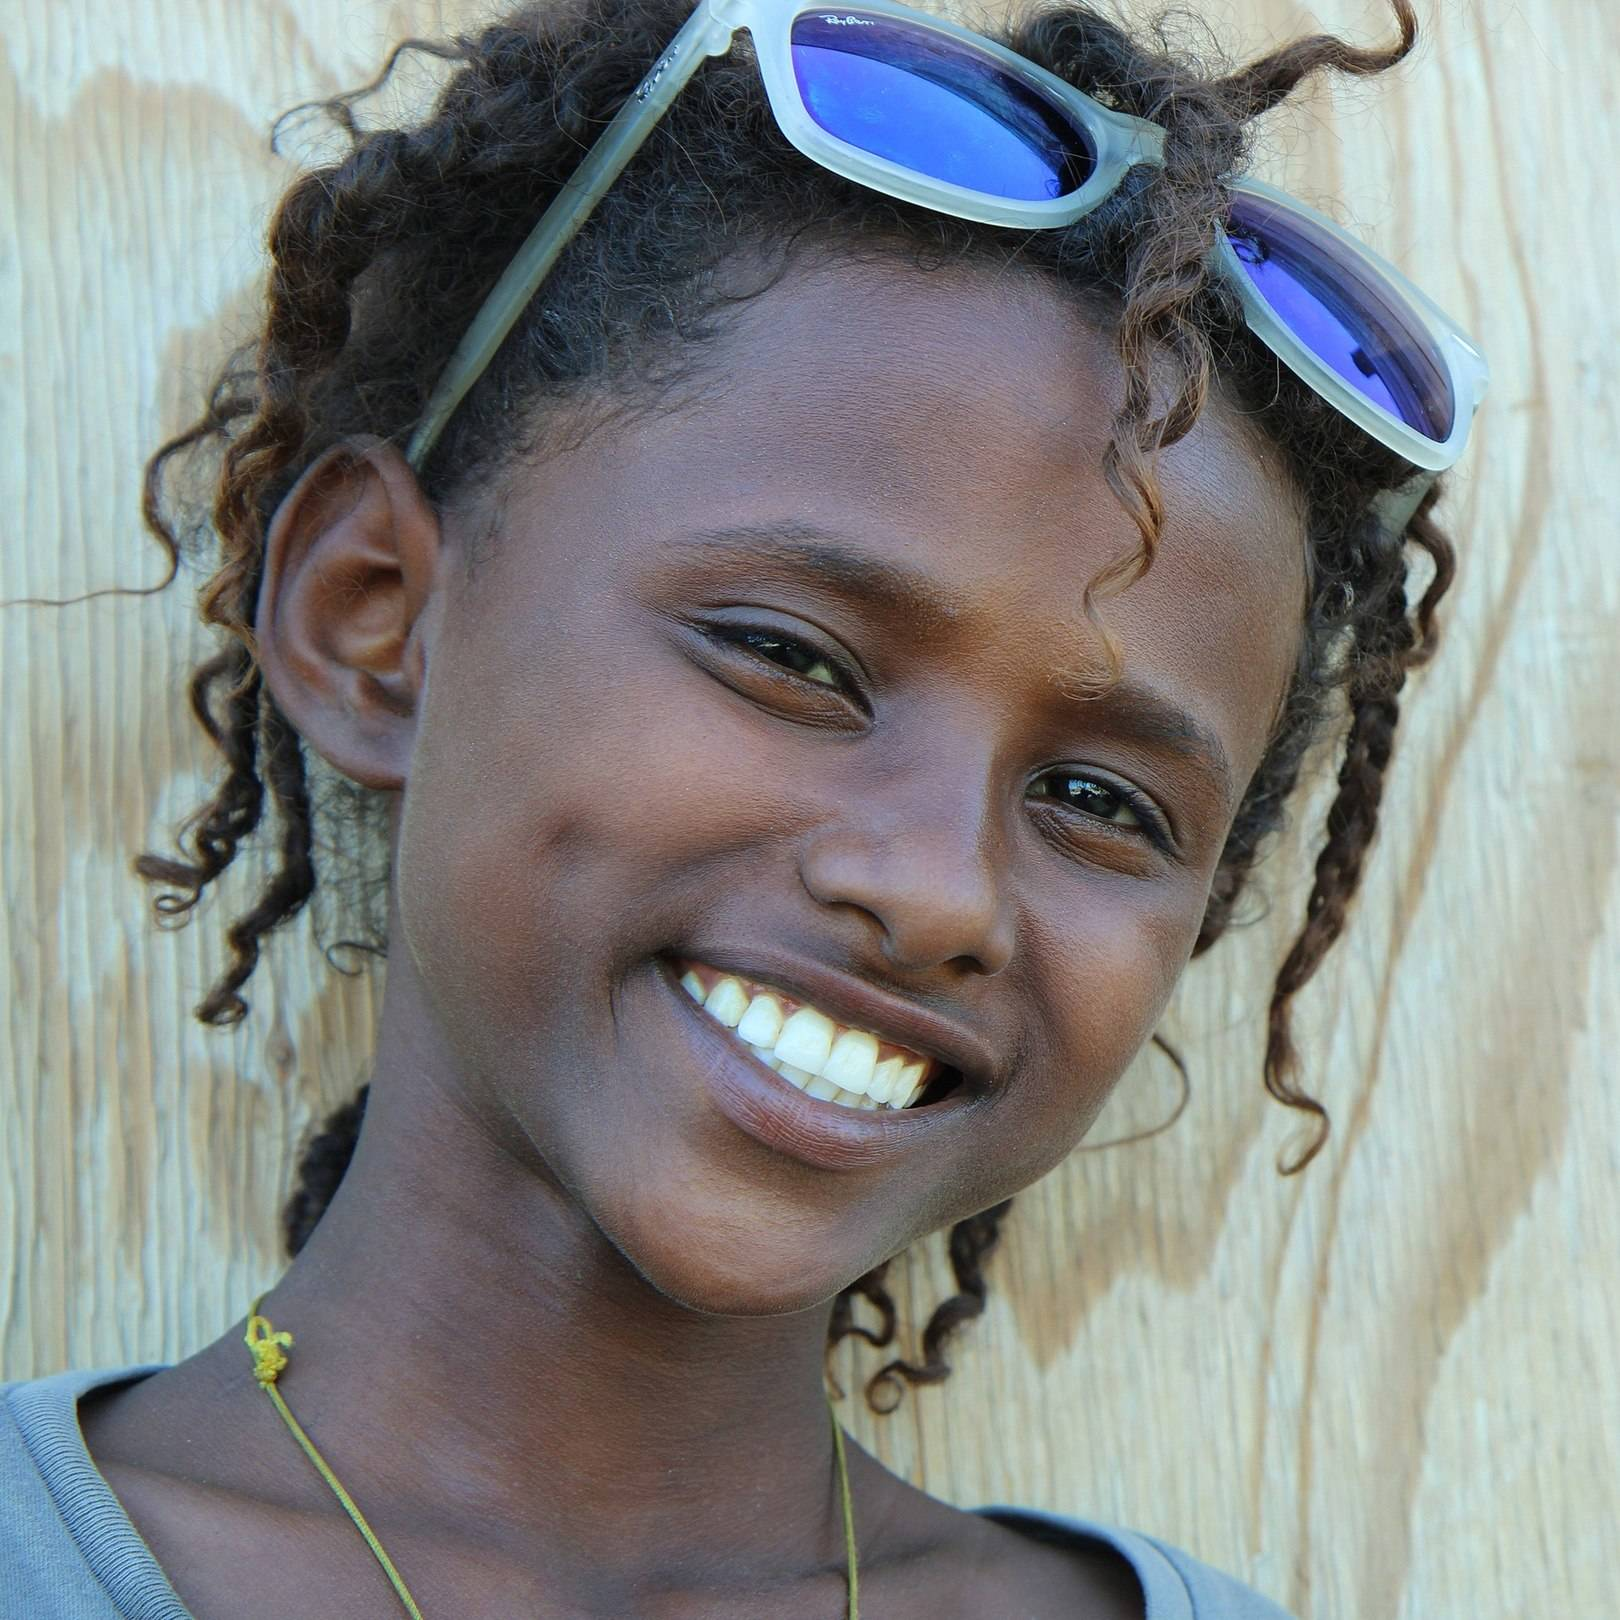 10- летняя девочка по имени Эйса (Eyesa) из деревни Hamed Ela (Регион Афар. Эфиопия)